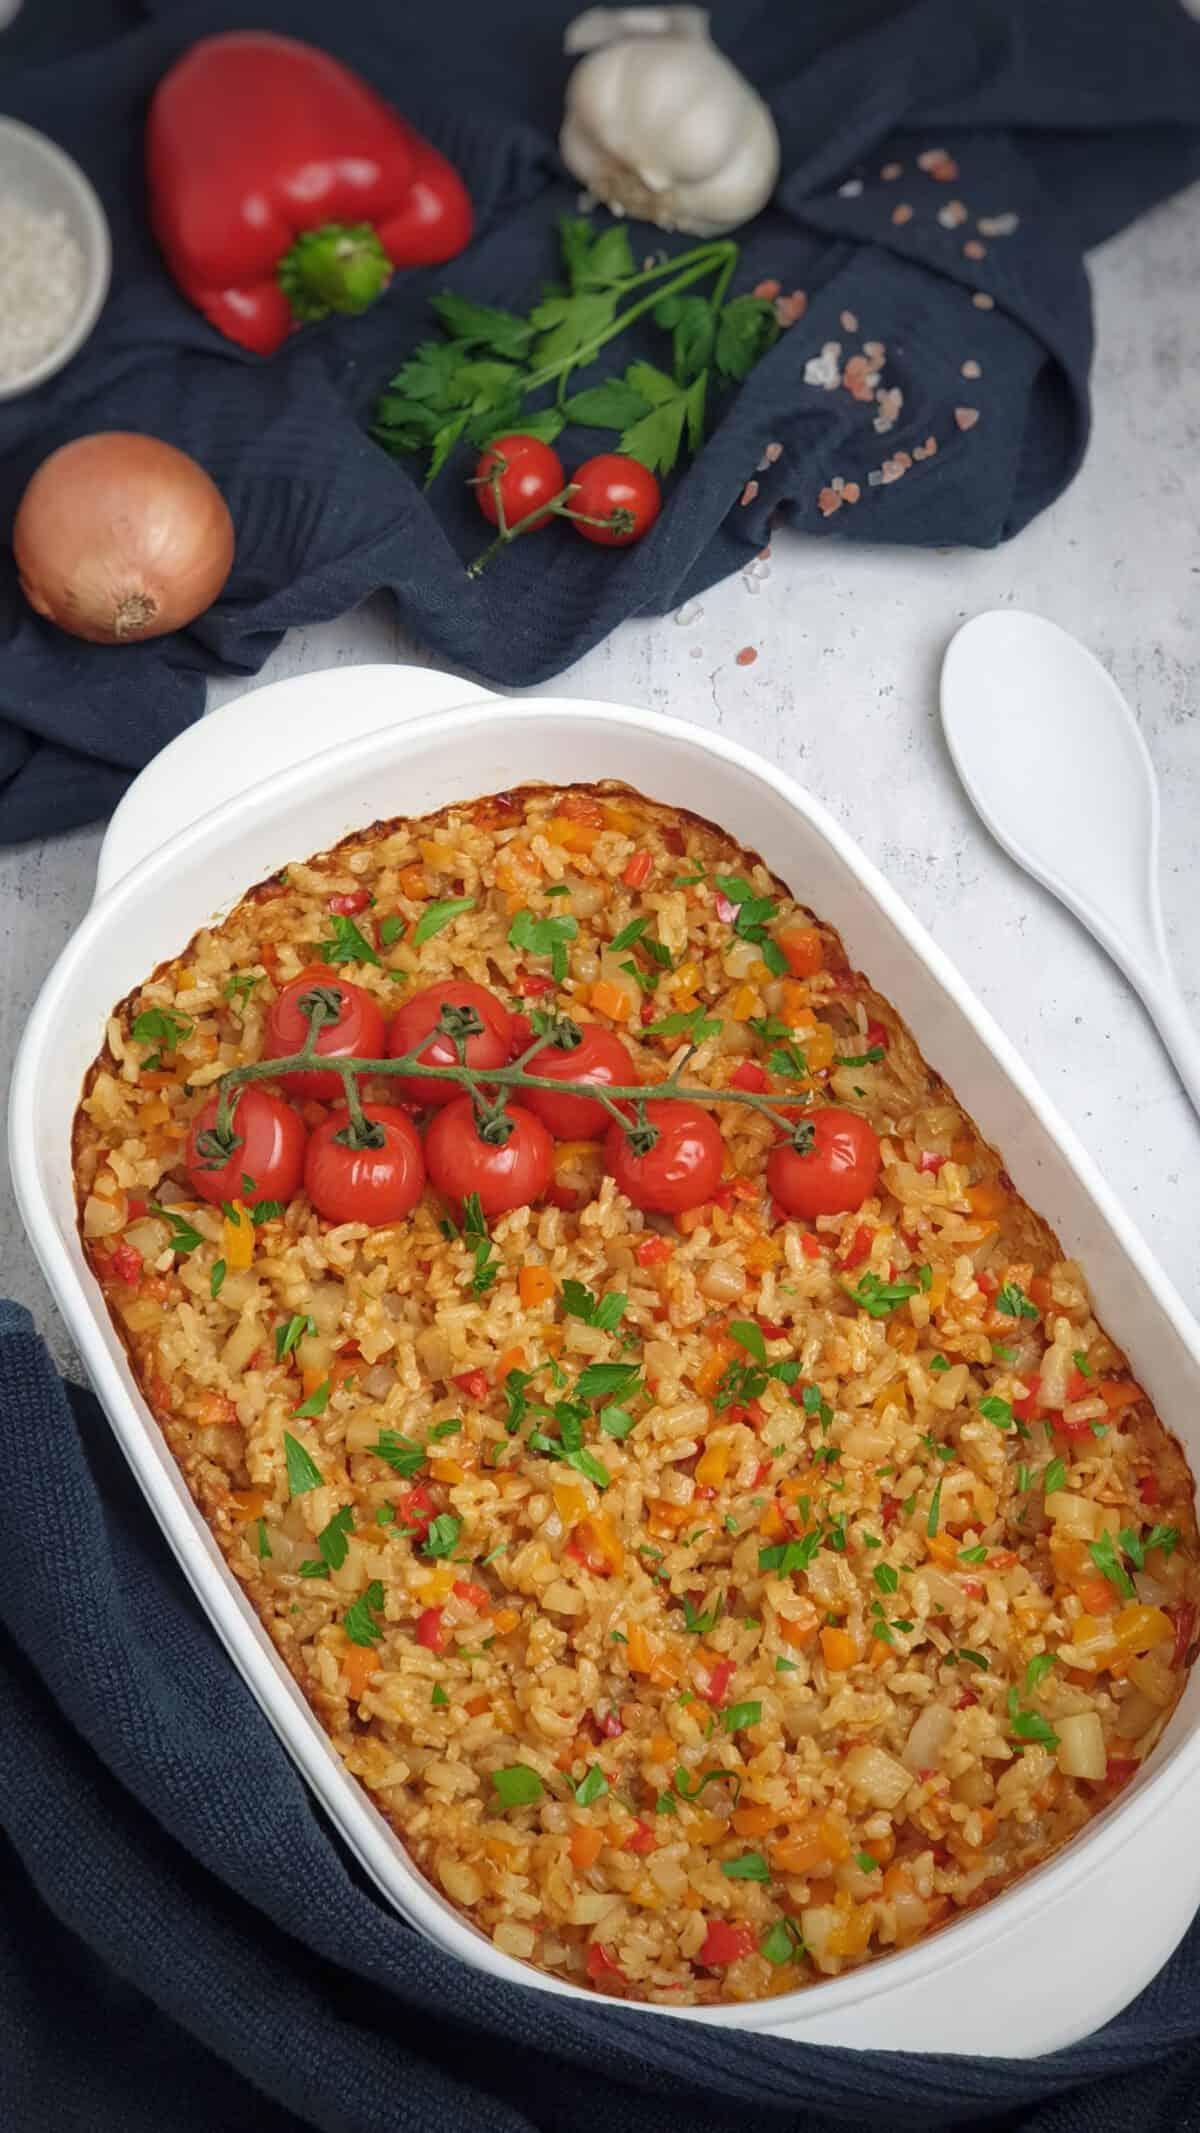 In einer weißen Auflaufform Ofen-Risotto mit Gemüse und Tomaten, mit Petersilie bestreut.